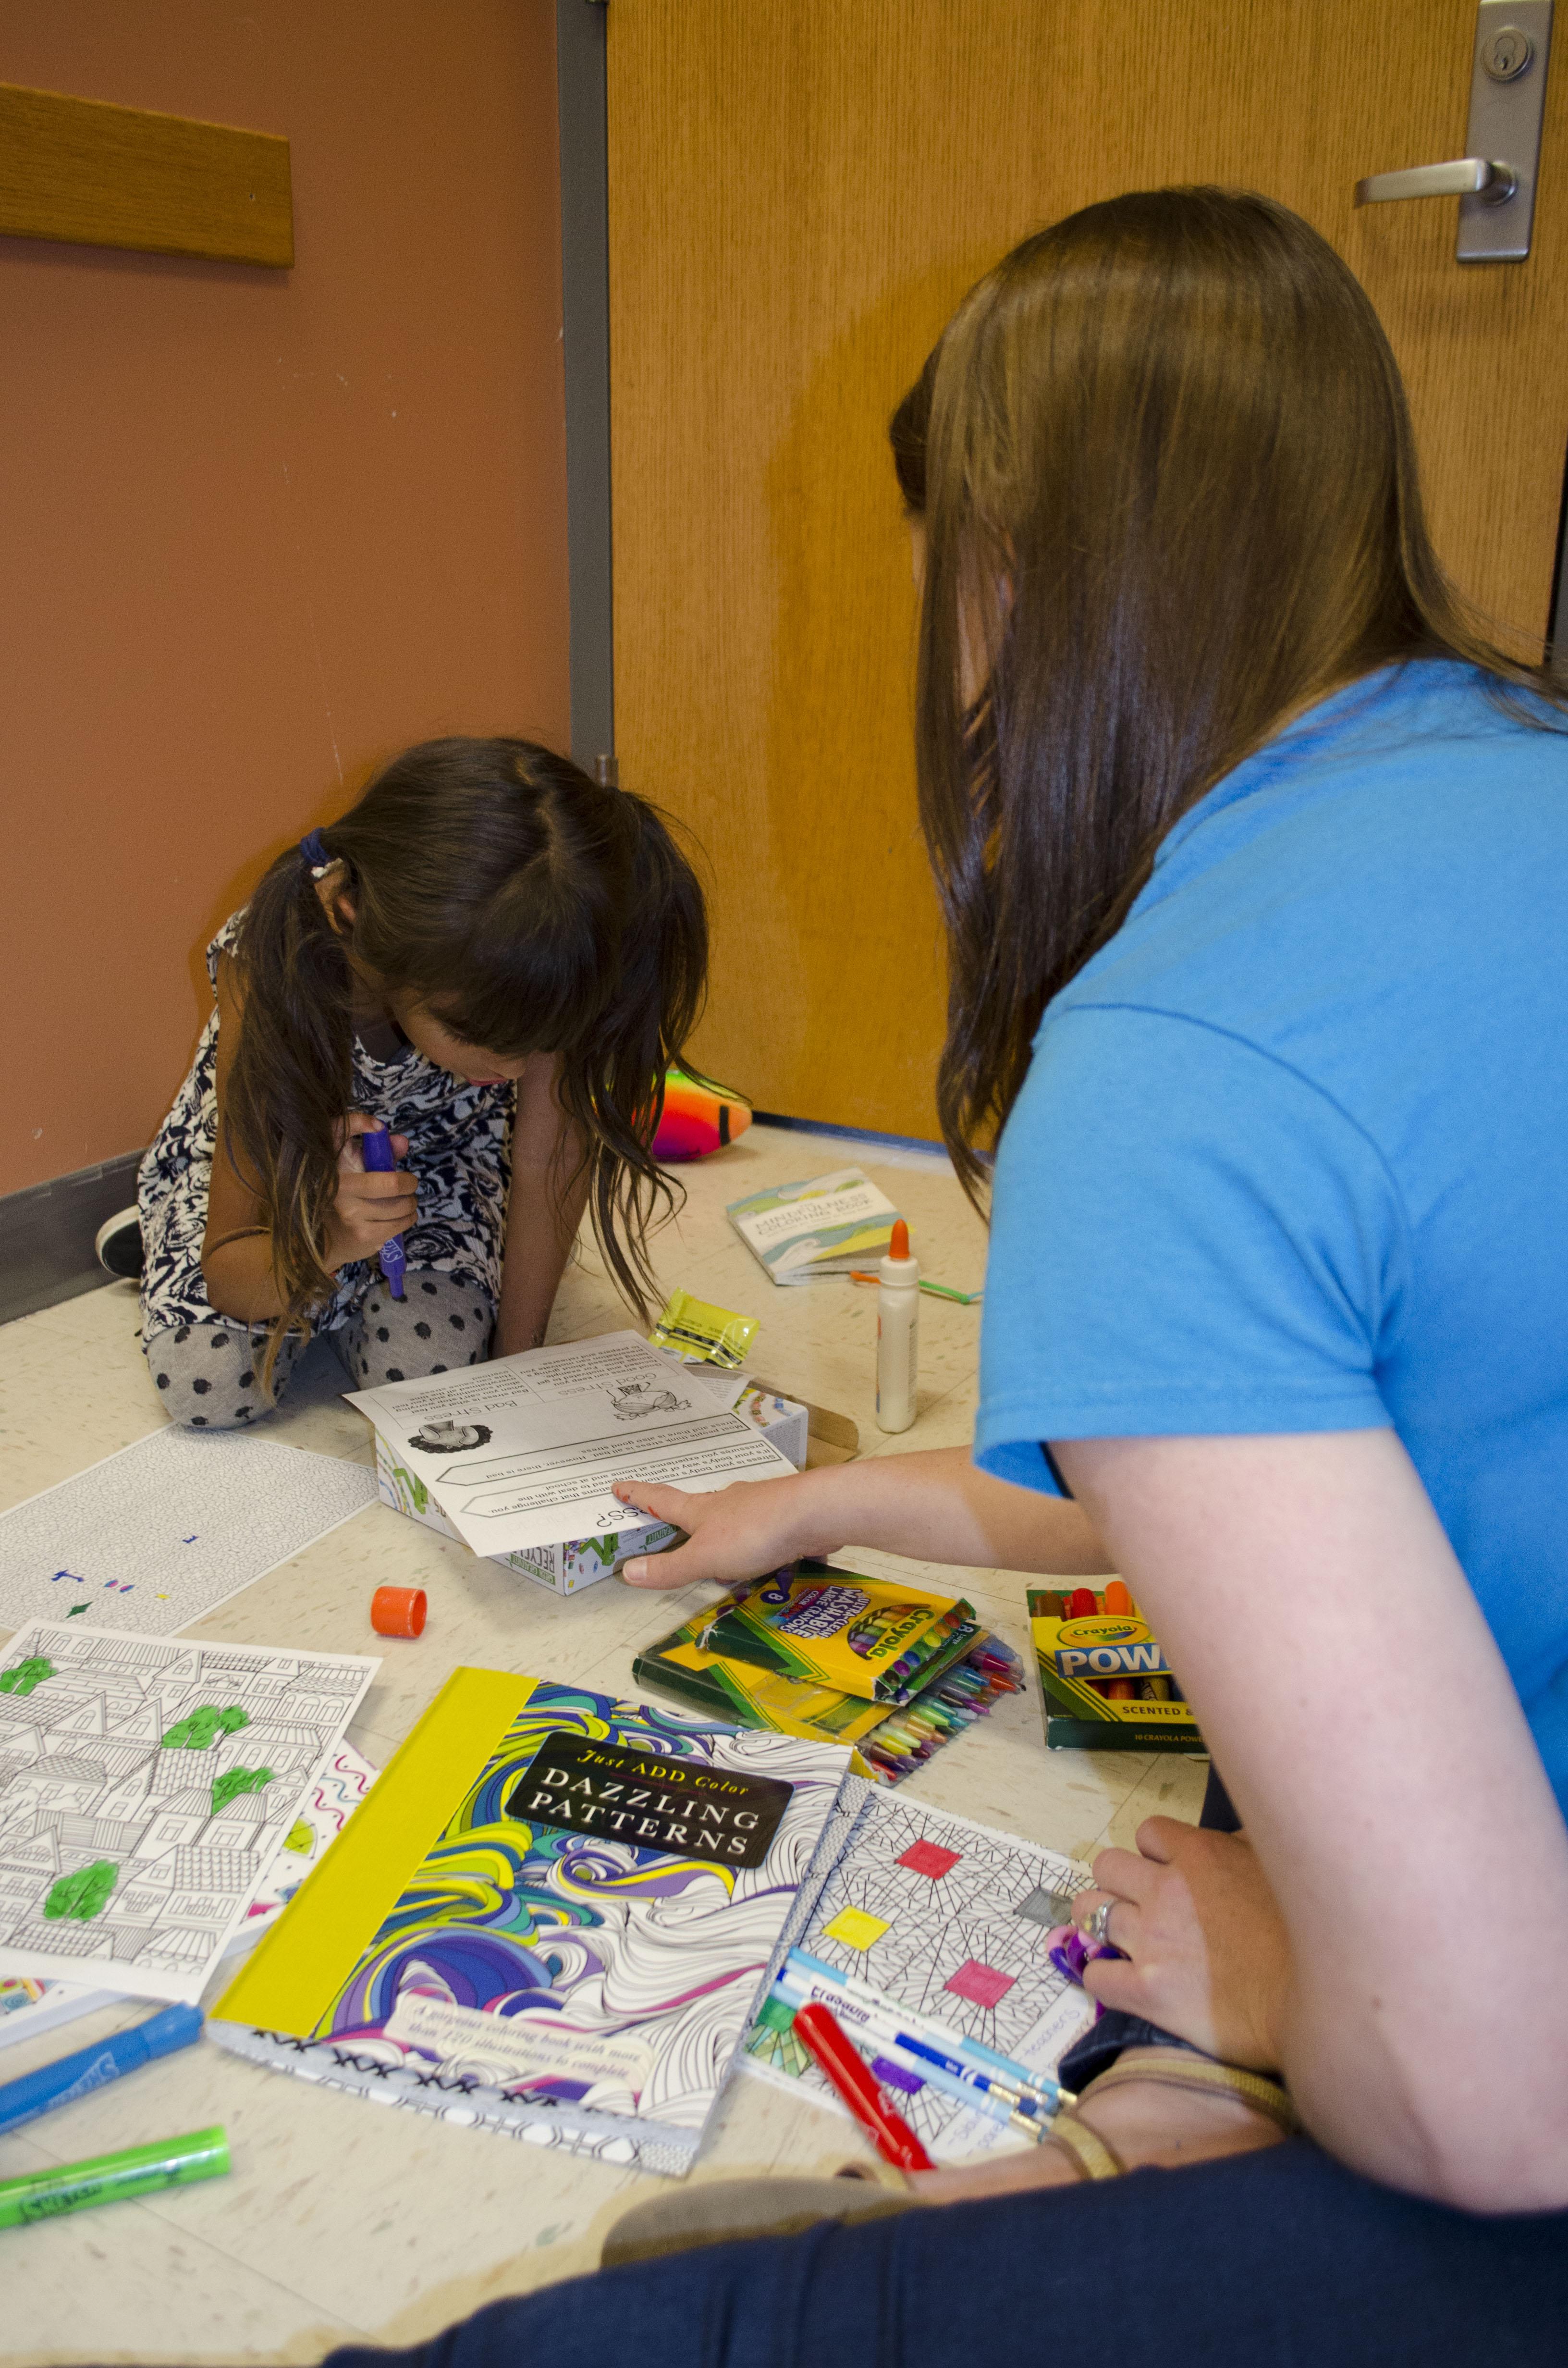 Children Served Through Mental Health Services